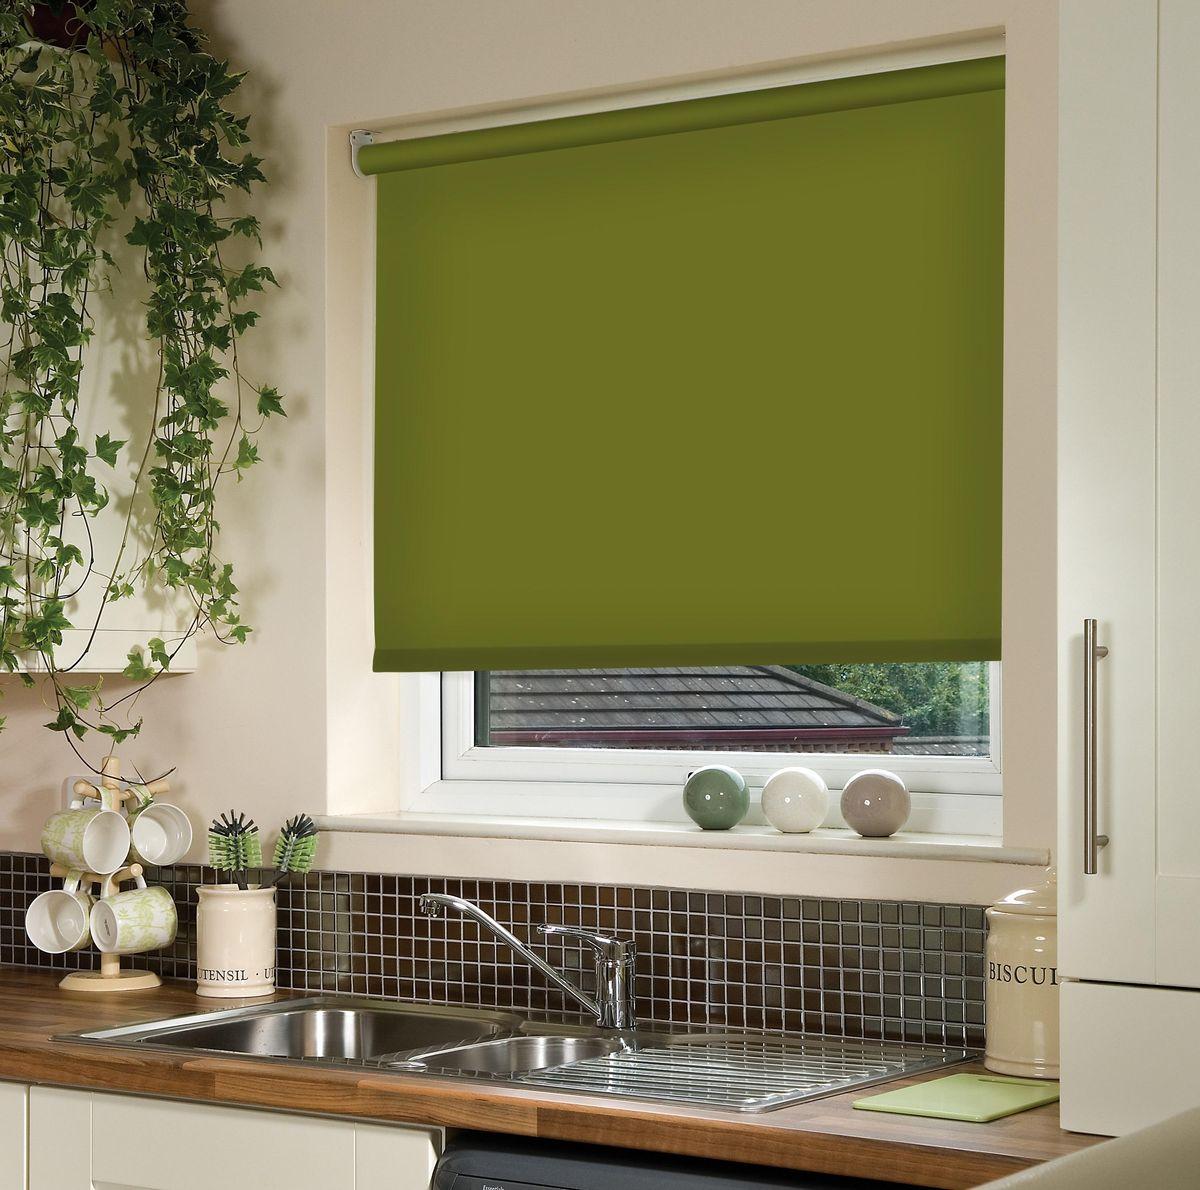 Штора рулонная Эскар, цвет: темно-оливковый, ширина 130 см, высота 170 см81018130170Рулонными шторами можно оформлять окна как самостоятельно, так и использовать в комбинации с портьерами. Это поможет предотвратить выгорание дорогой ткани на солнце и соединит функционал рулонных с красотой навесных.Преимущества применения рулонных штор для пластиковых окон:- имеют прекрасный внешний вид: многообразие и фактурность материала изделия отлично смотрятся в любом интерьере; - многофункциональны: есть возможность подобрать шторы способные эффективно защитить комнату от солнца, при этом о на не будет слишком темной. - Есть возможность осуществить быстрый монтаж. ВНИМАНИЕ! Размеры ширины изделия указаны по ширине ткани!Во время эксплуатации не рекомендуется полностью разматывать рулон, чтобы не оторвать ткань от намоточного вала.В случае загрязнения поверхности ткани, чистку шторы проводят одним из способов, в зависимости от типа загрязнения: легкое поверхностное загрязнение можно удалить при помощи канцелярского ластика; чистка от пыли производится сухим методом при помощи пылесоса с мягкой щеткой-насадкой; для удаления пятна используйте мягкую губку с пенообразующим неагрессивным моющим средством или пятновыводитель на натуральной основе (нельзя применять растворители).